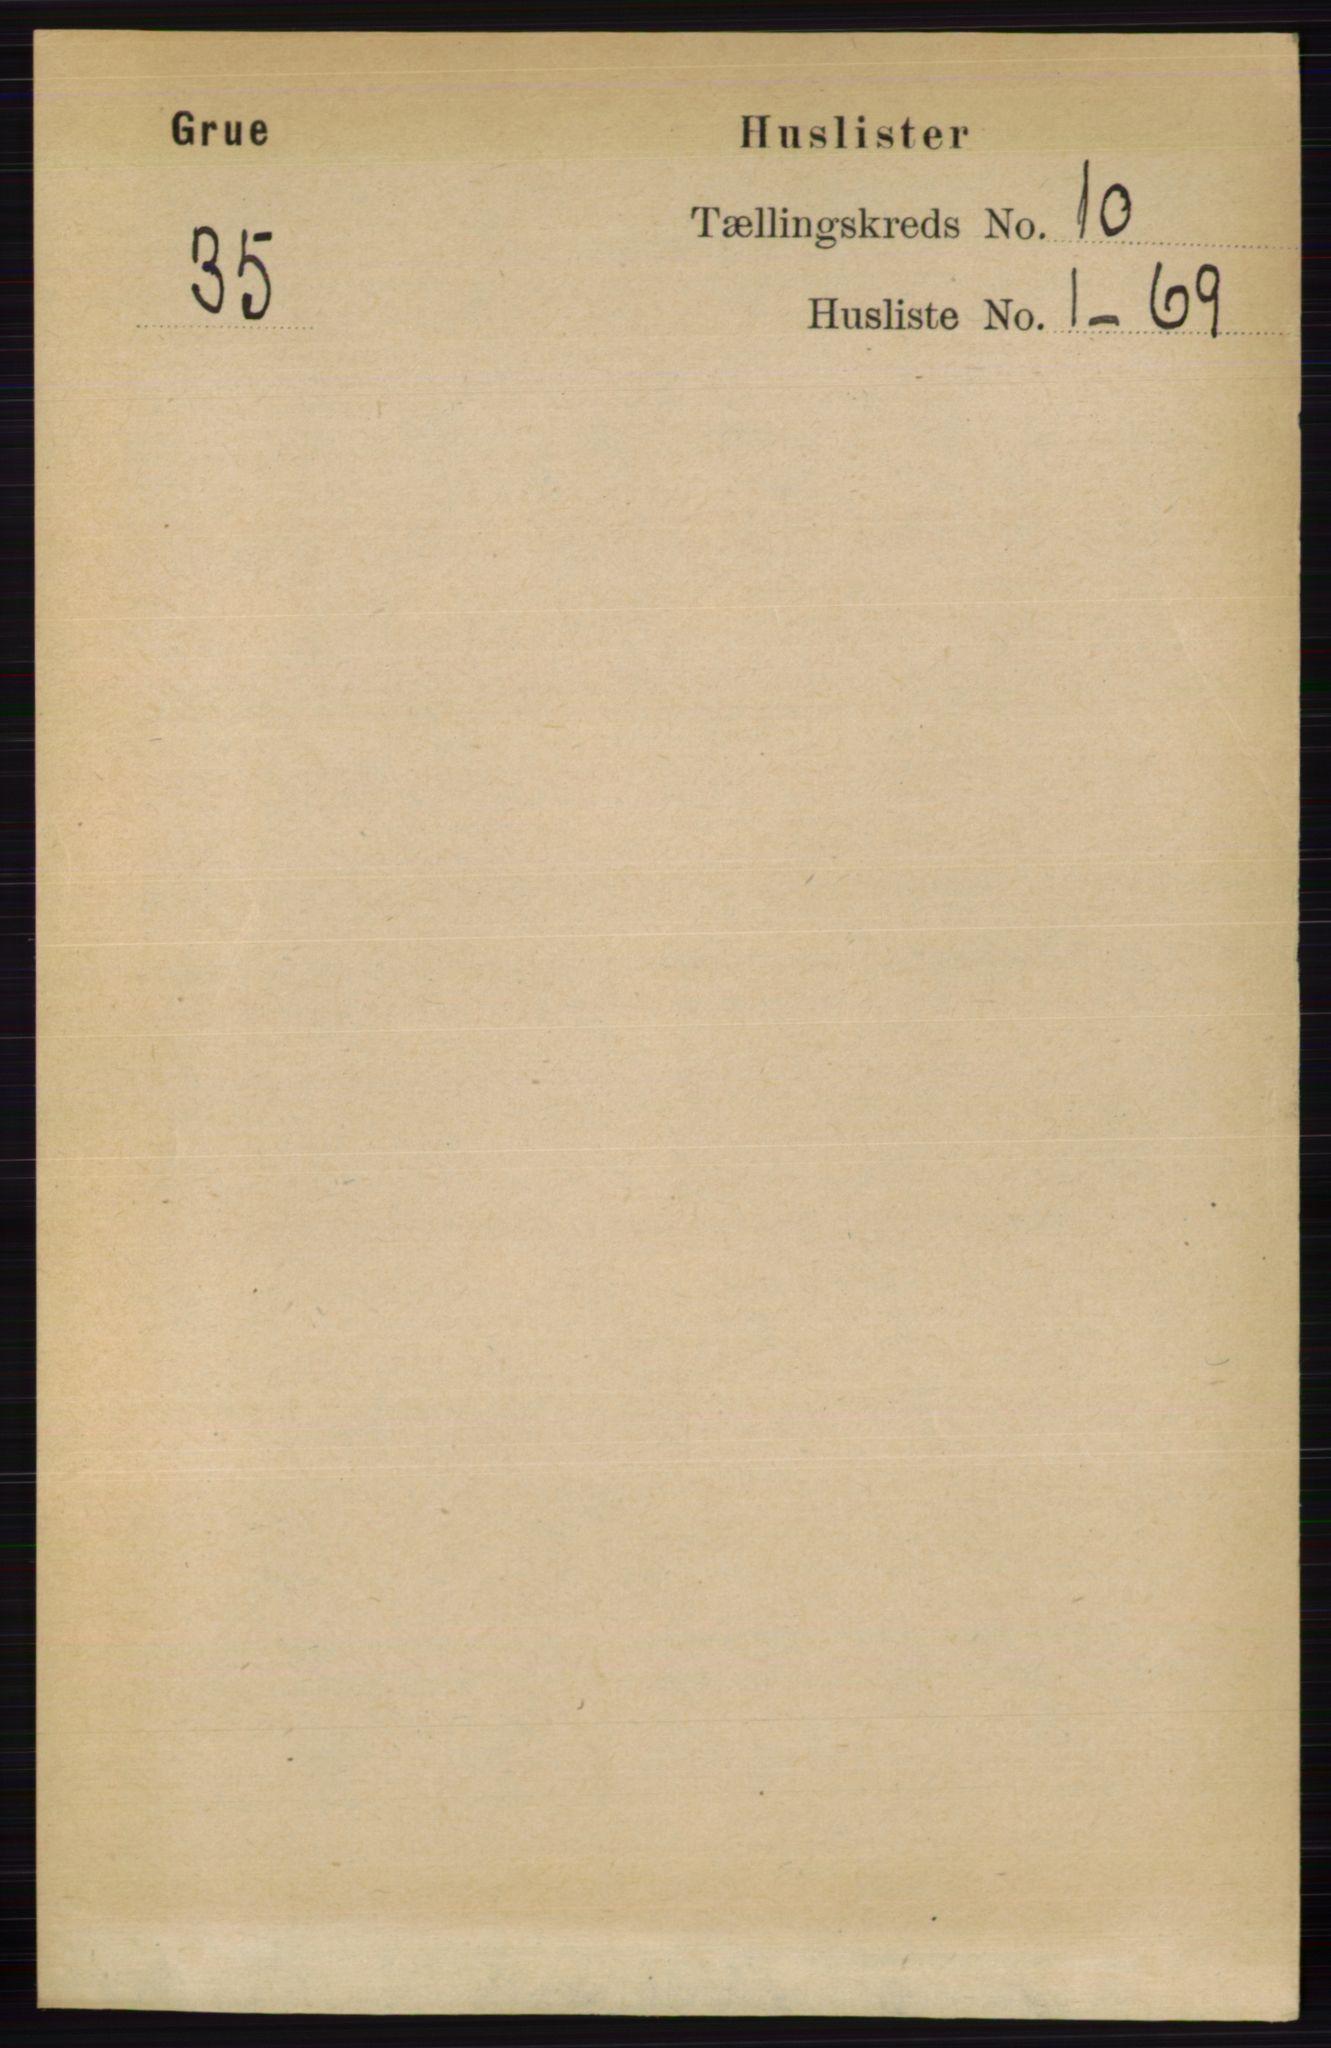 RA, Folketelling 1891 for 0423 Grue herred, 1891, s. 5291